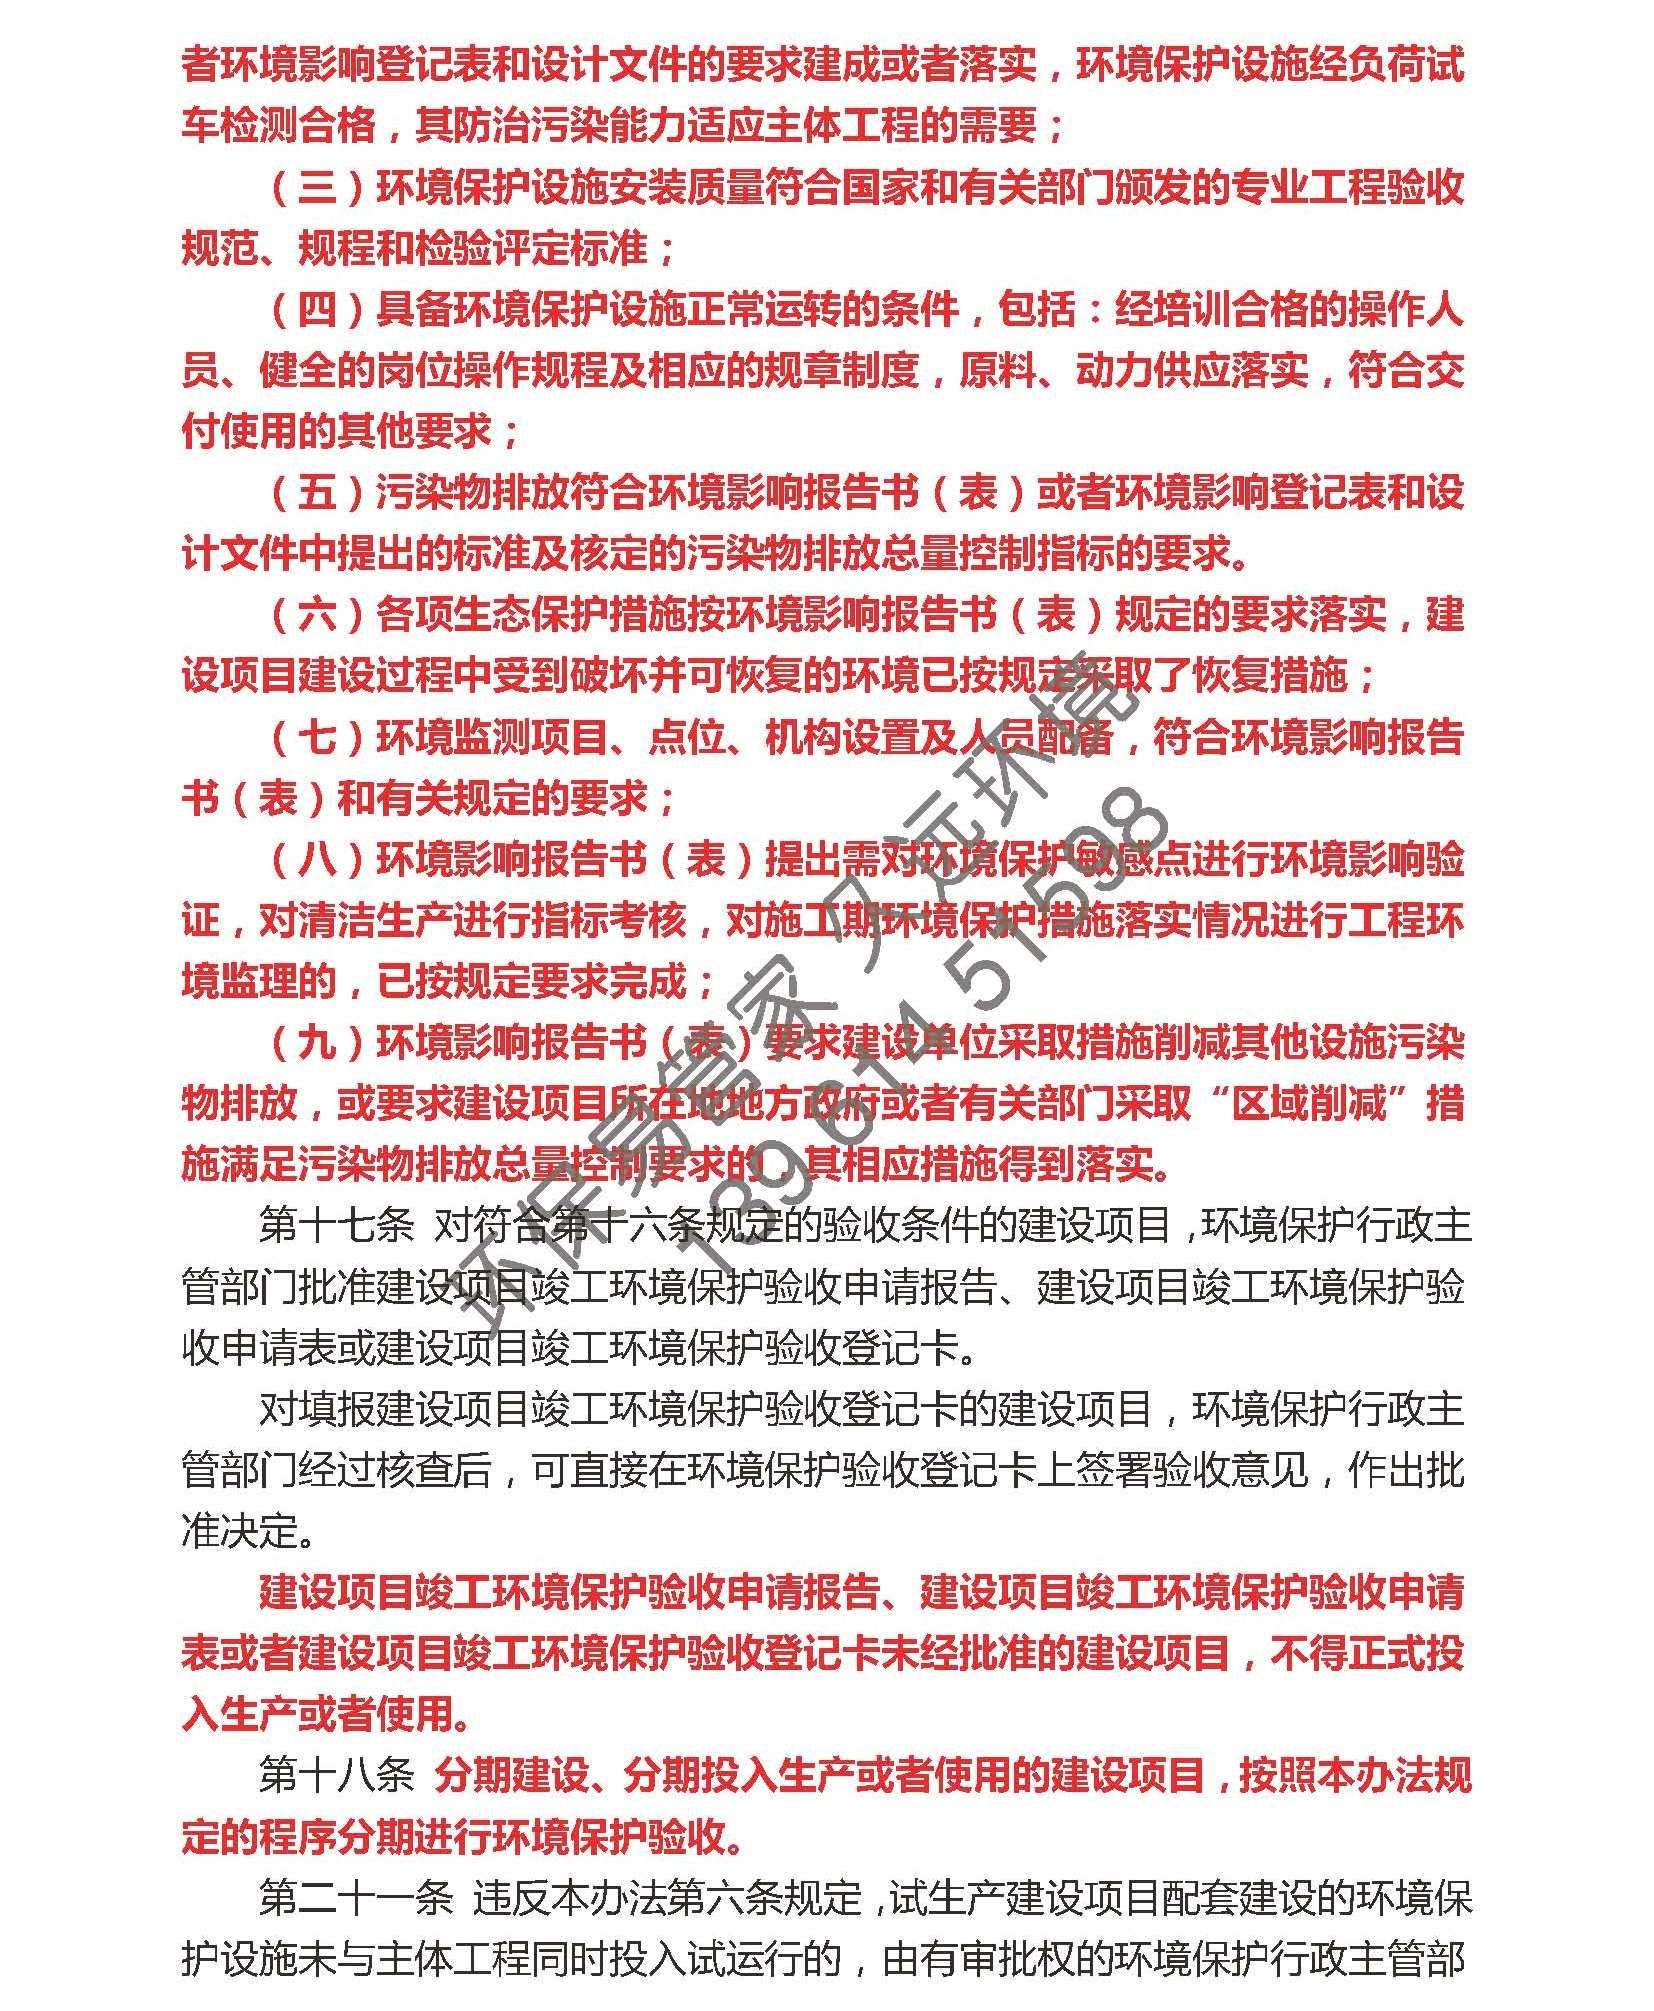 lovebet爱博下载竣工验收 文字材料_页面_2